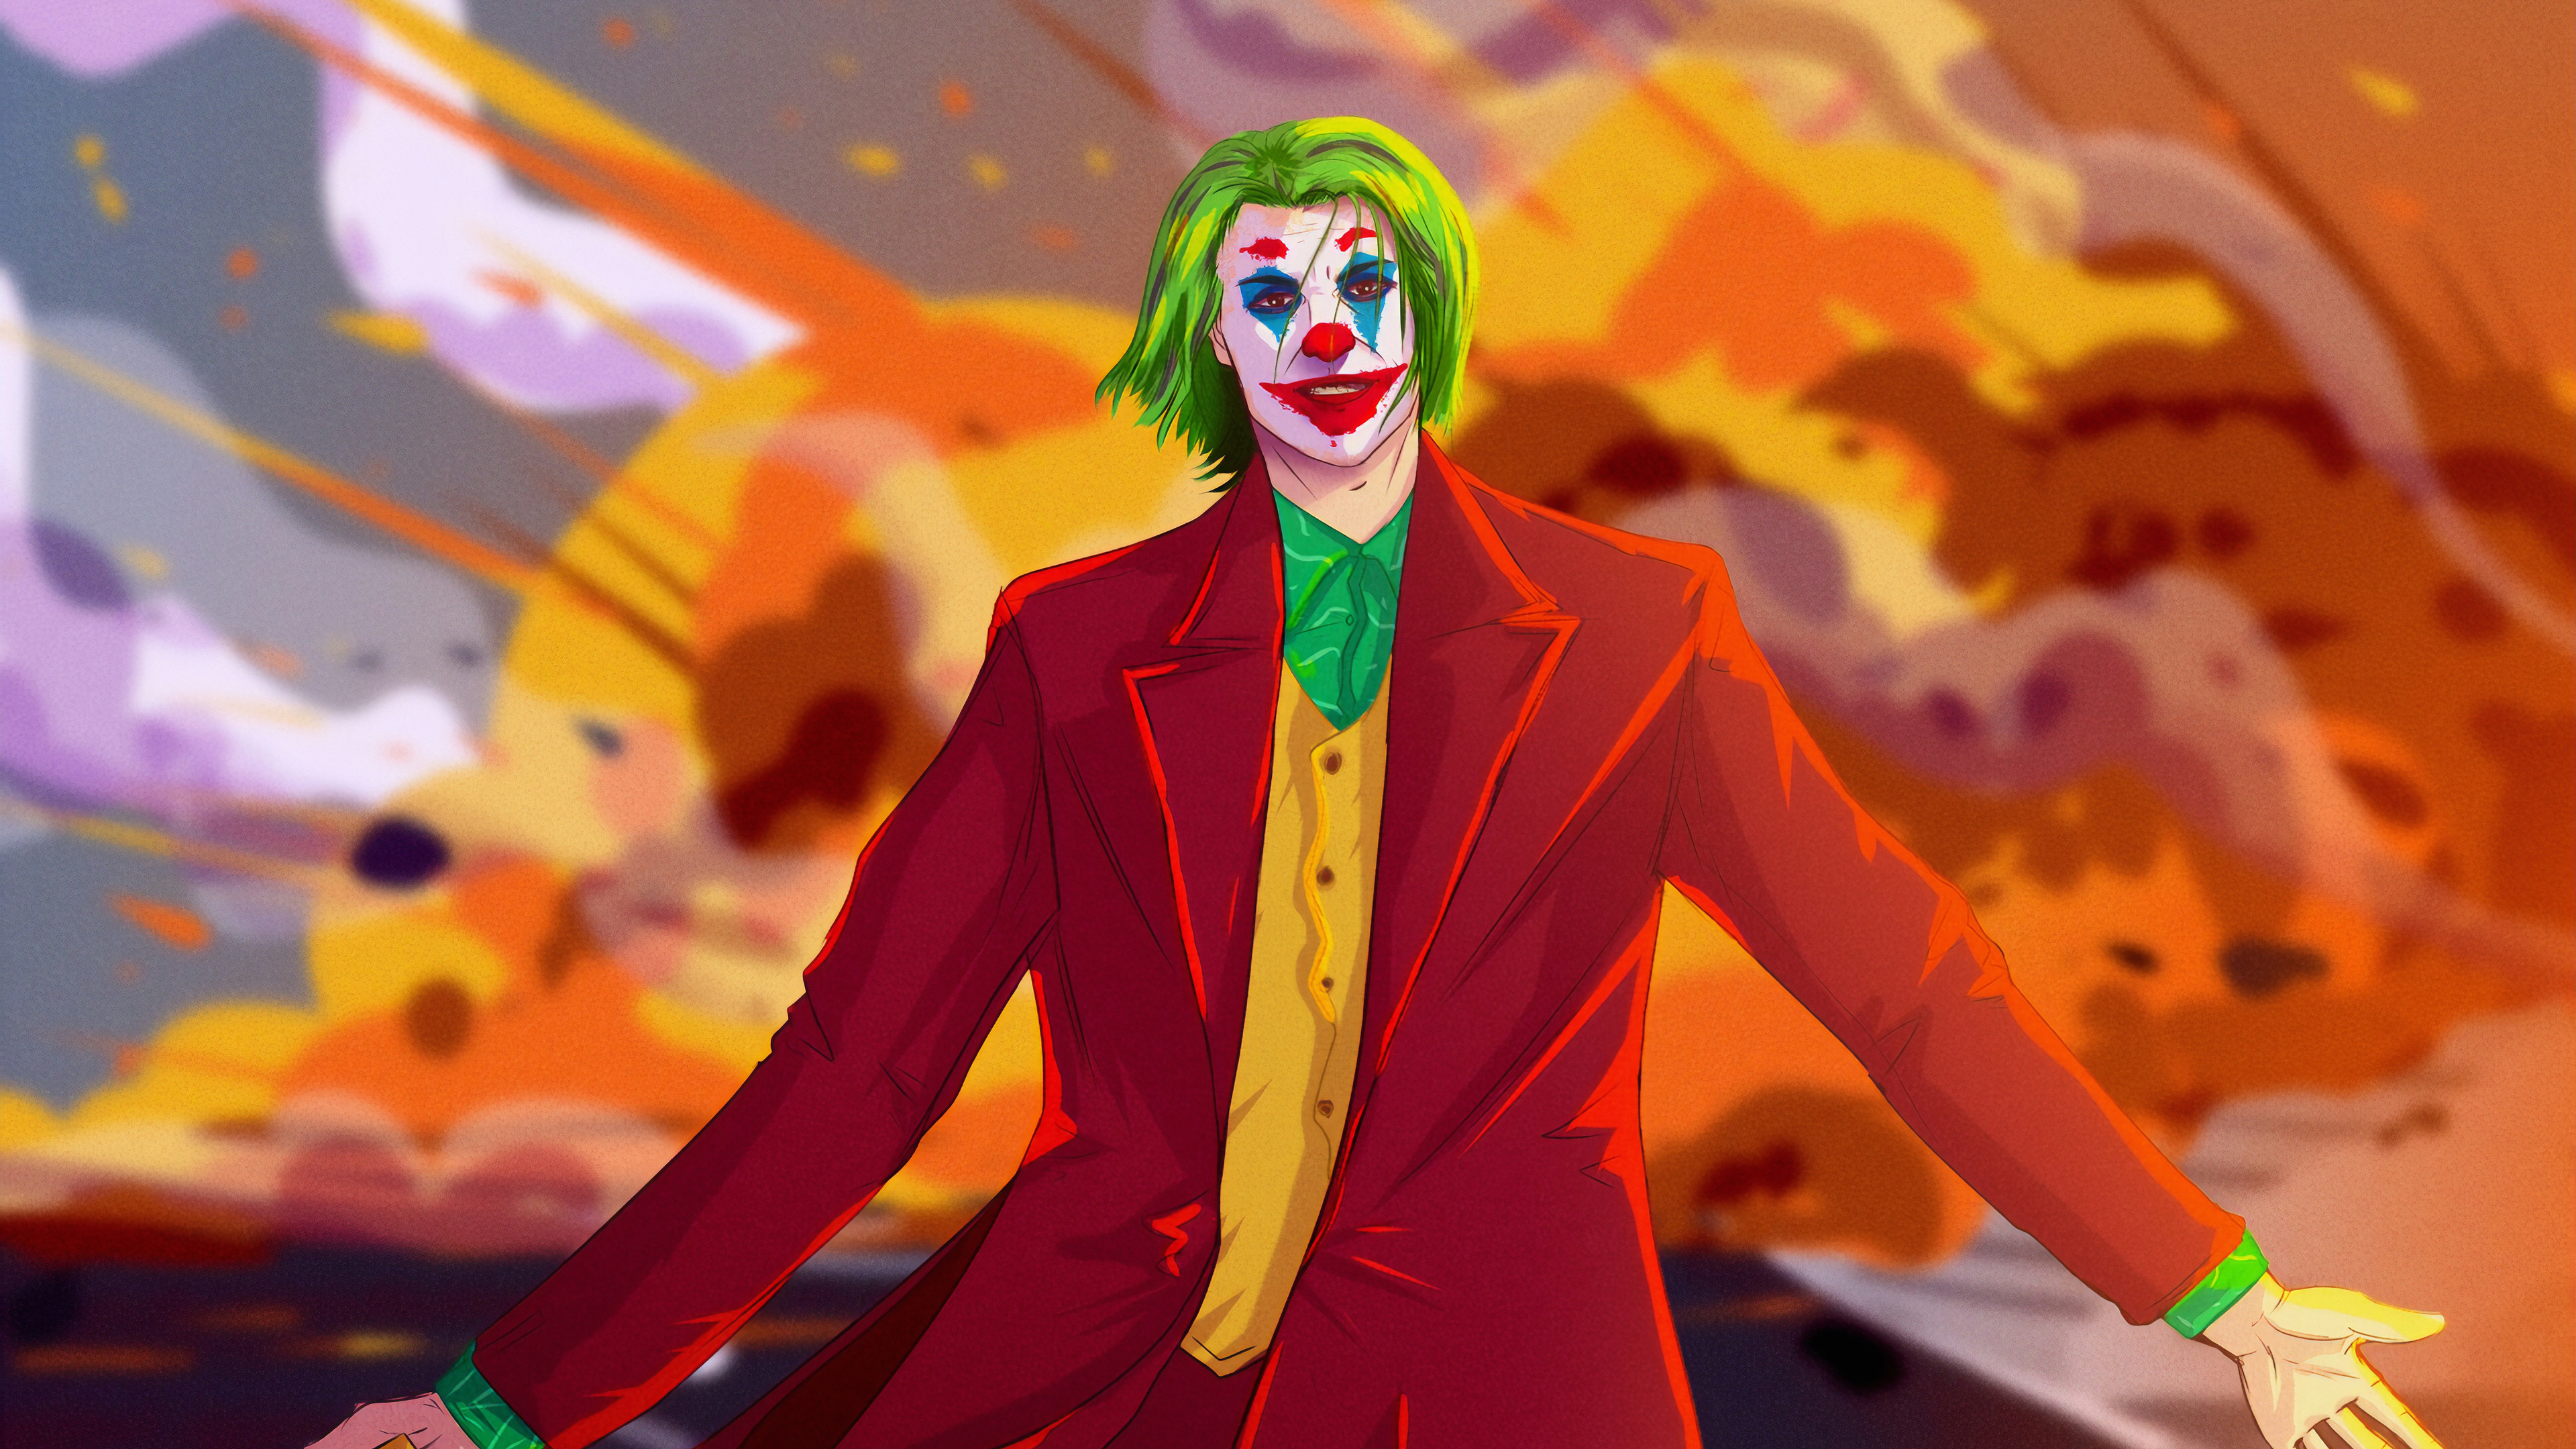 joker destruction 1570394458 - Joker Destruction - superheroes wallpapers, joker wallpapers, hd-wallpapers, dc comics wallpapers, artstation wallpapers, 4k-wallpapers